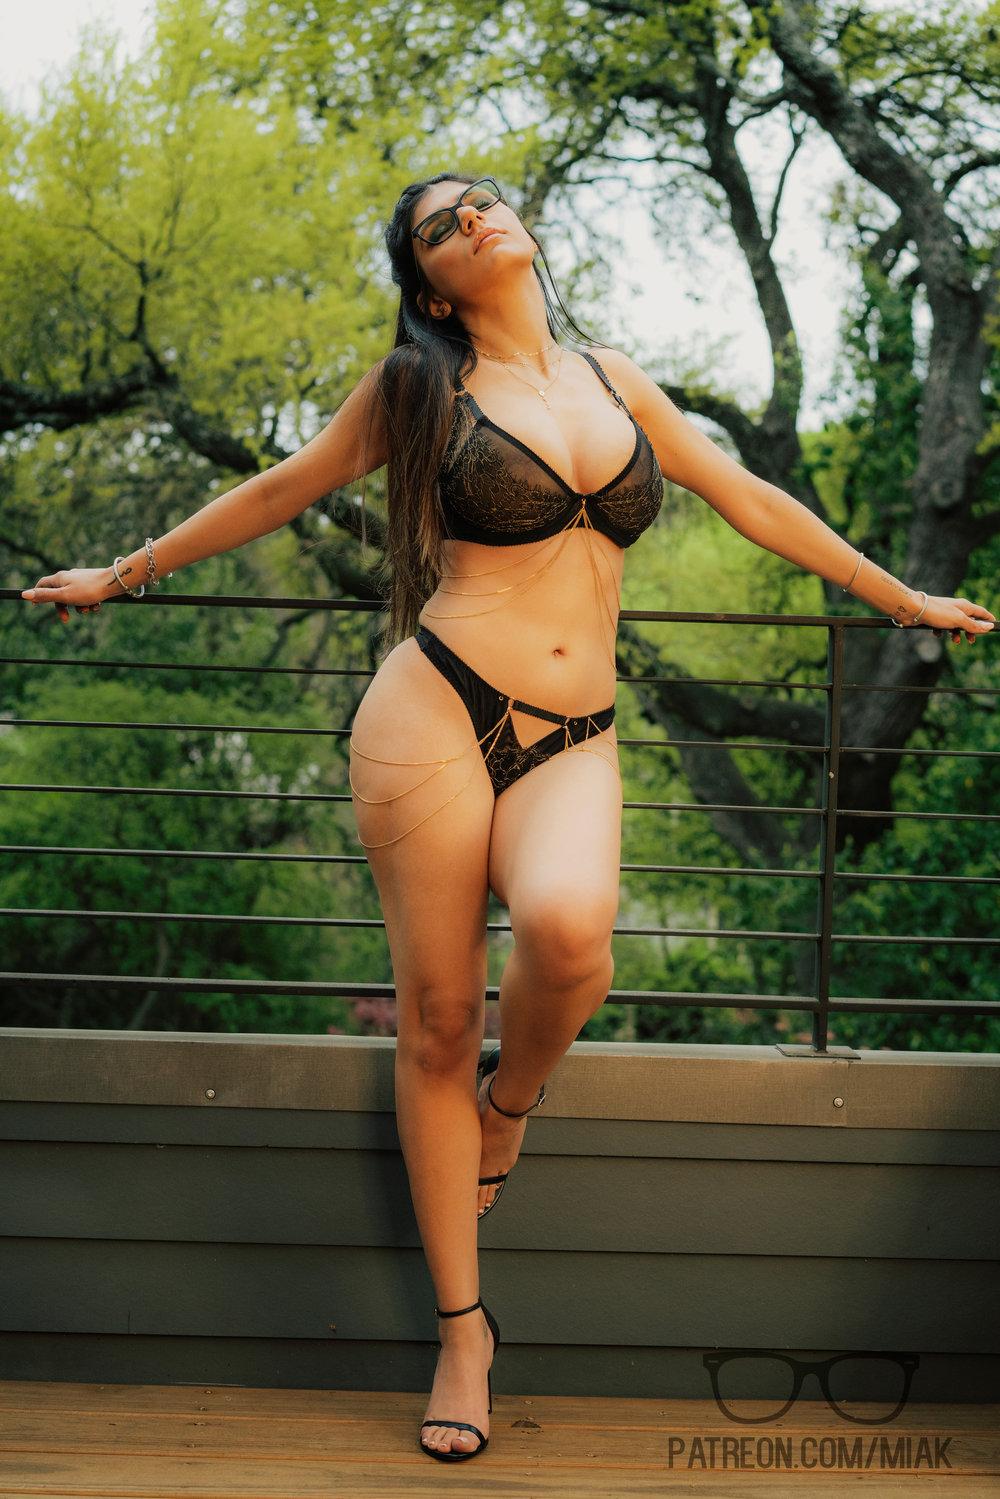 Mia Khalifa, Onlyfans, Patreon 0003